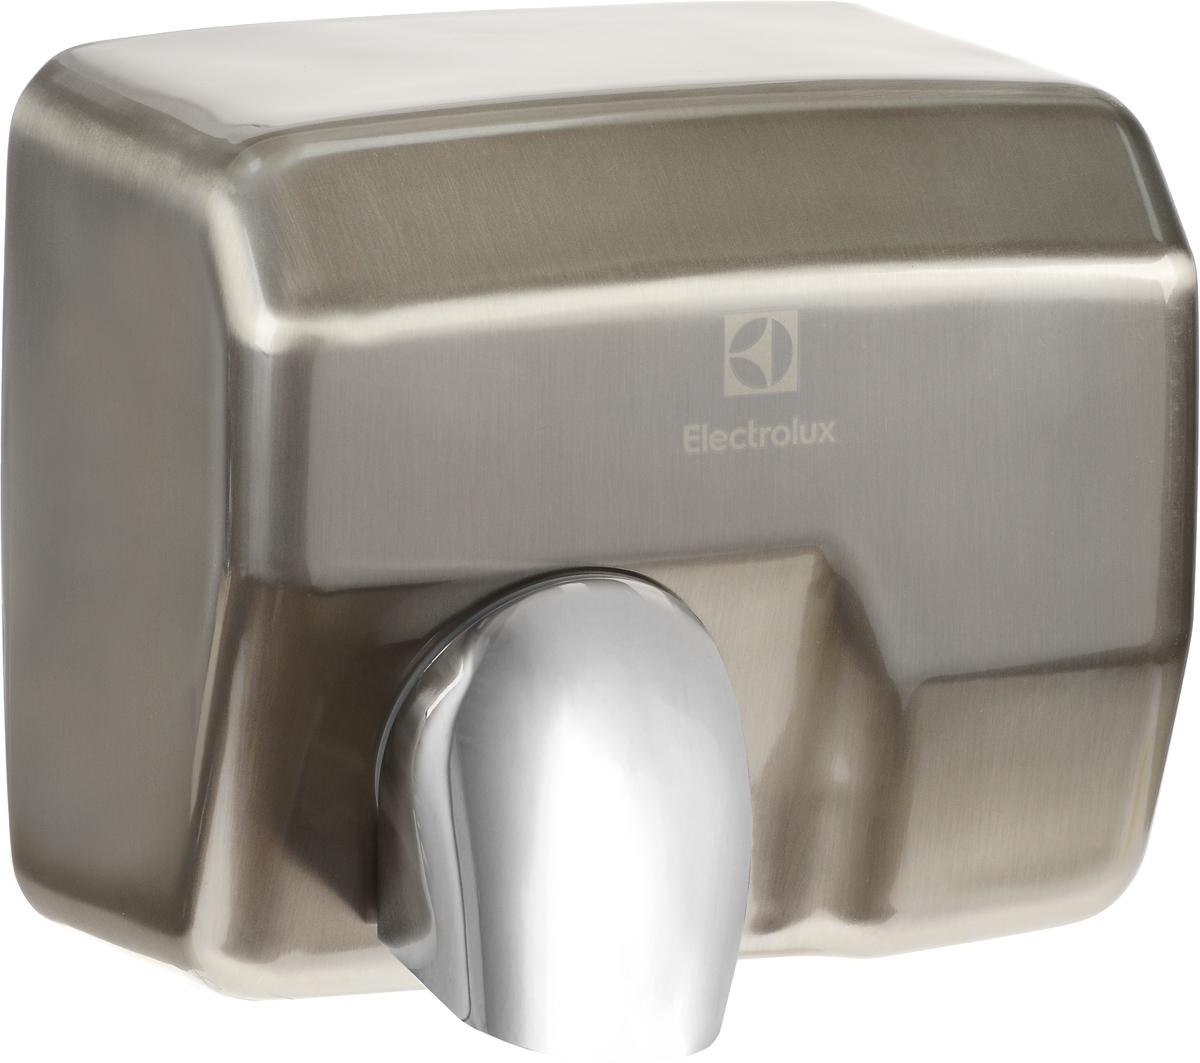 Electrolux 2500N/EHDA сушилка для рукEHDA/N – 2500В Сушилке для рук Electrolux 2500N/EHDA встроен чувствительный инфракрасный датчик, который срабатывает и включает прибор в тот момент, когда Вы подносите к нему руки. Данный тип включения позволяет быстро и гигиенично высушить руки, что особенно важно в общественных местах, больницах и офисах. Для повышения эффективности был разработан мотор, который создает скорость потока до 30 м/с, благодаря этому время сушки сведено к минимуму (10-15 сек). Модель EHDA/N – 2500, имеют функцию управления воздушным потоком. Конструкция сушилки позволяет отклонить направляющую потока в нужном Вам направлении. Воздуховыпускное отверстие защищено специальной защитной решеткой, выдерживающей высокие температуры и защищающей устройство от попадания посторонних предметов.